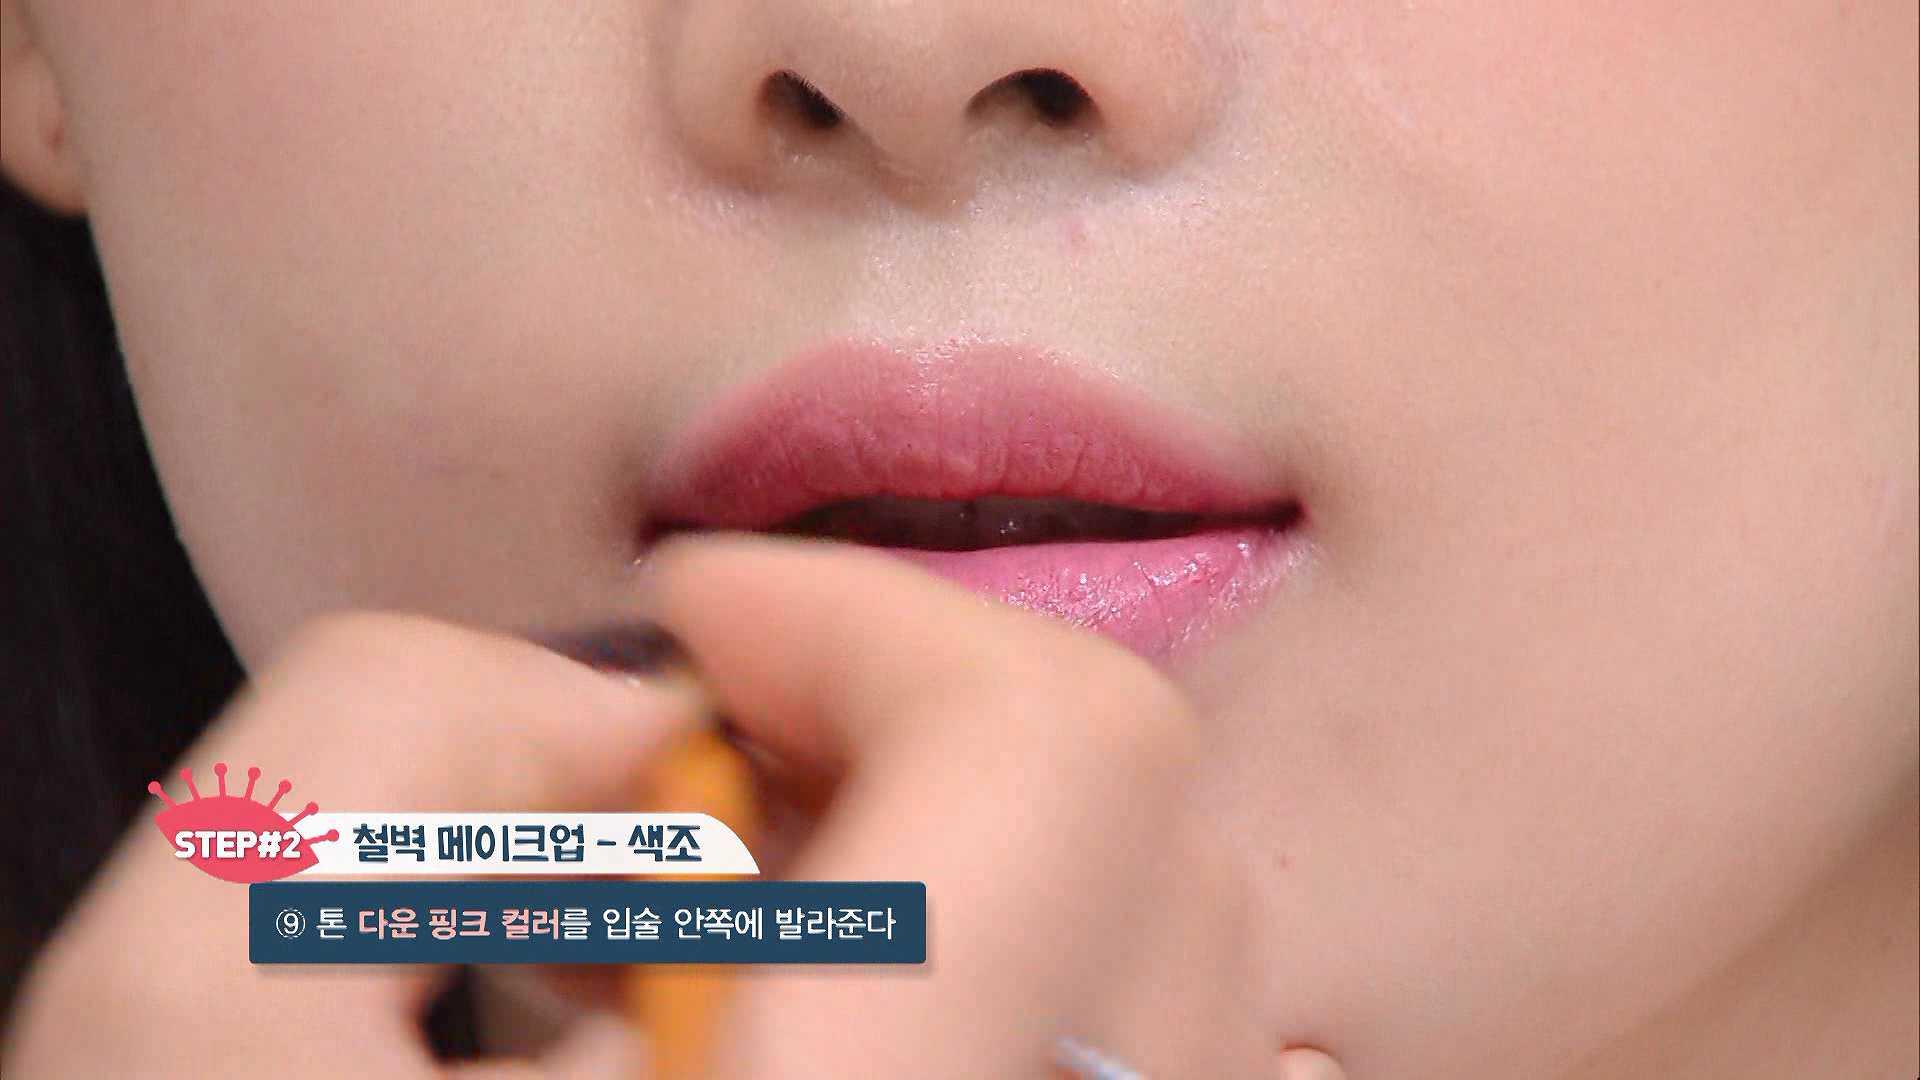 톤다운 핑크 컬러를 입술 안쪽에 발라요